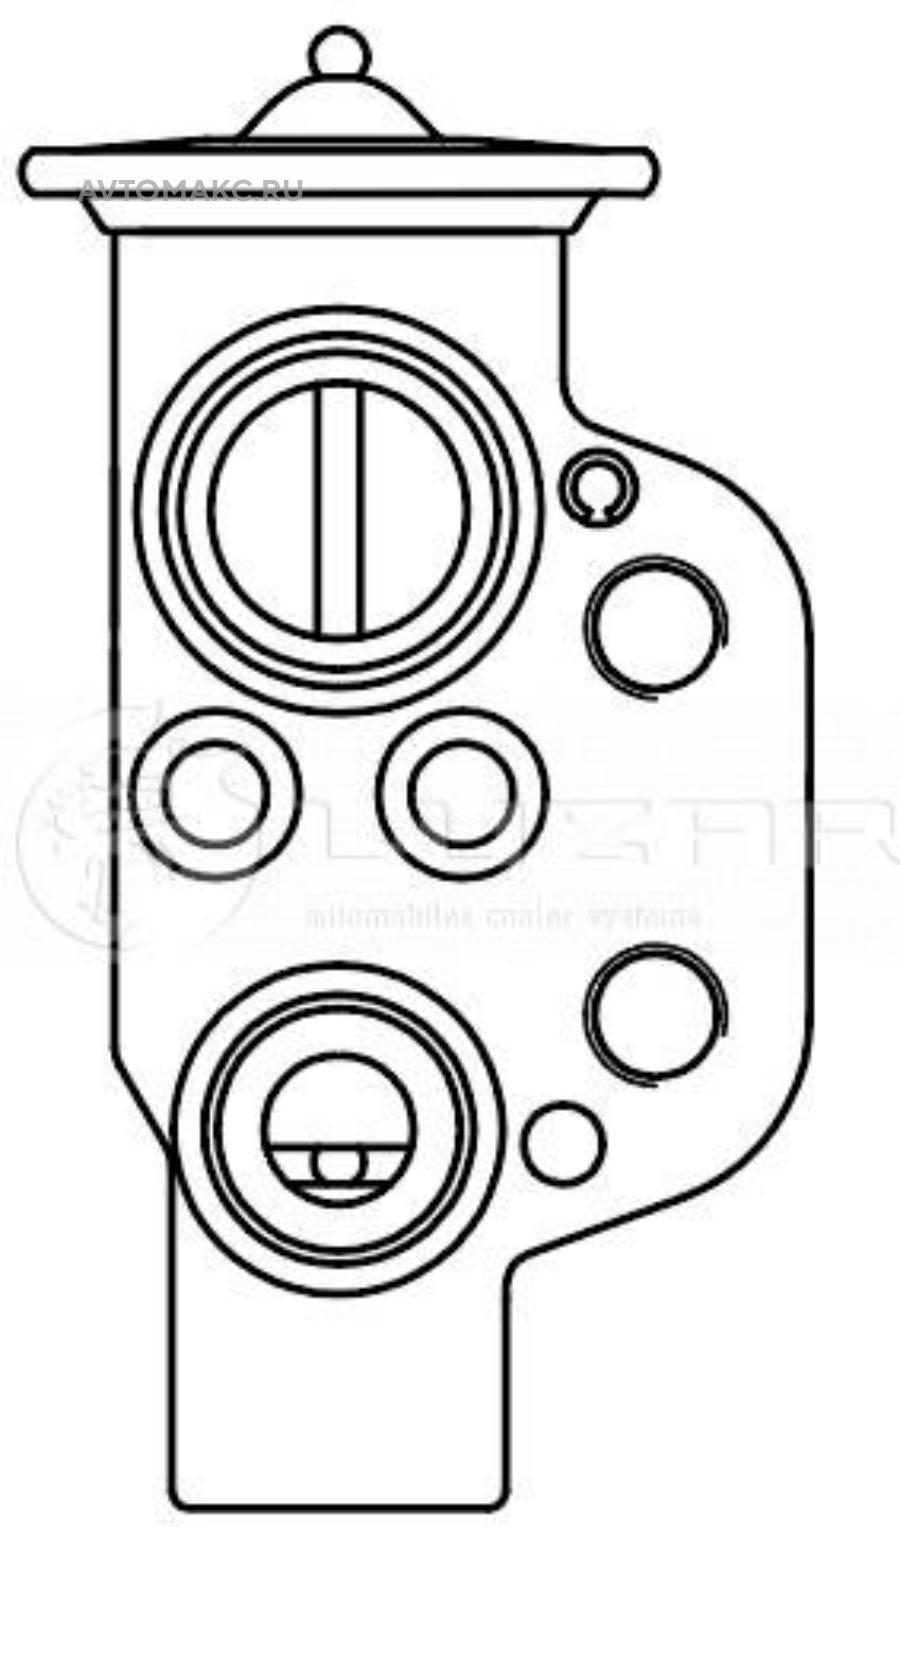 Клапан расширительный кондиционера (ТРВ) для автомобилей Оctavia (A5) (04-)/Golf VI (08-)